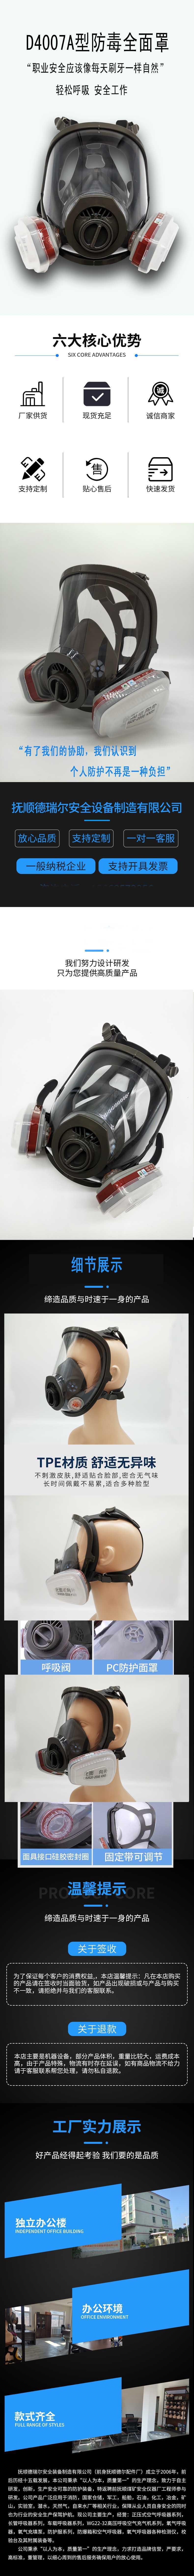 4007型防毒面具